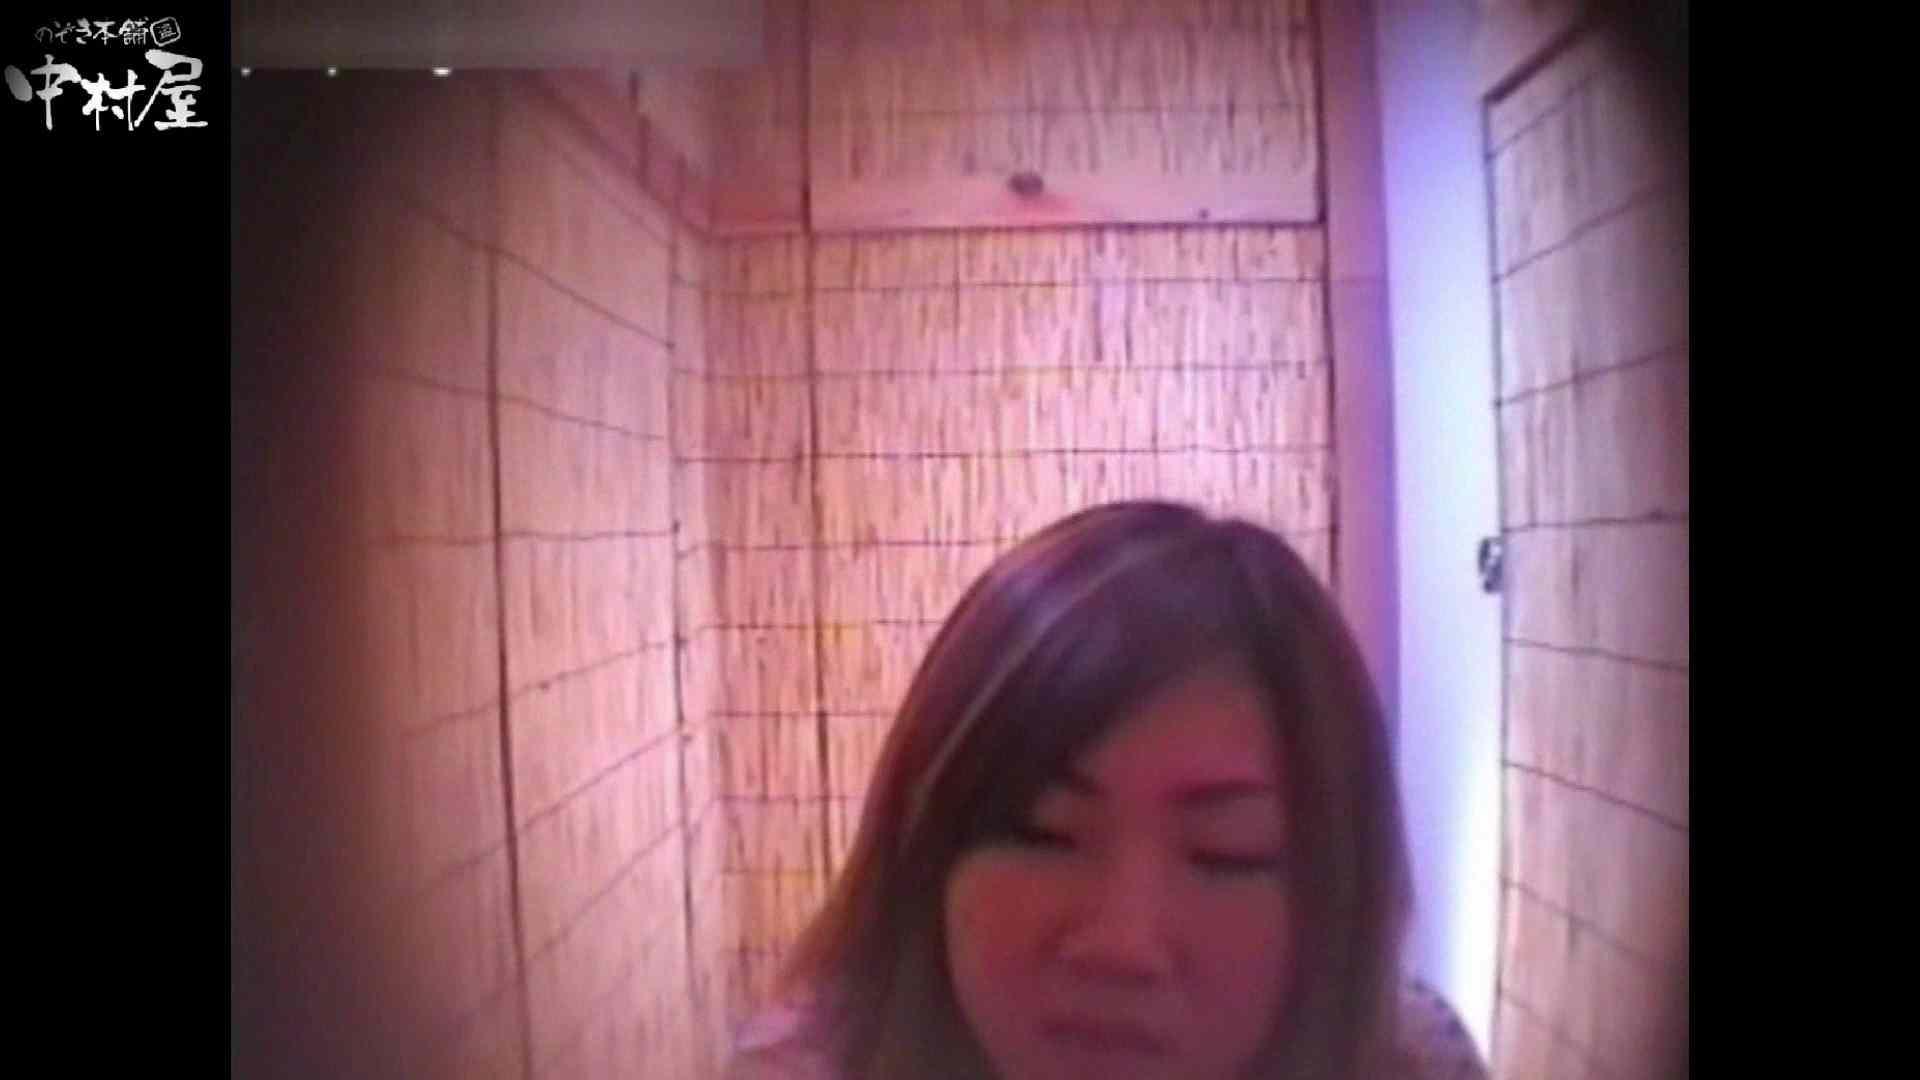 解禁!海の家4カメ洗面所vol.58 ギャルのエロ動画 スケベ動画紹介 110PIX 89